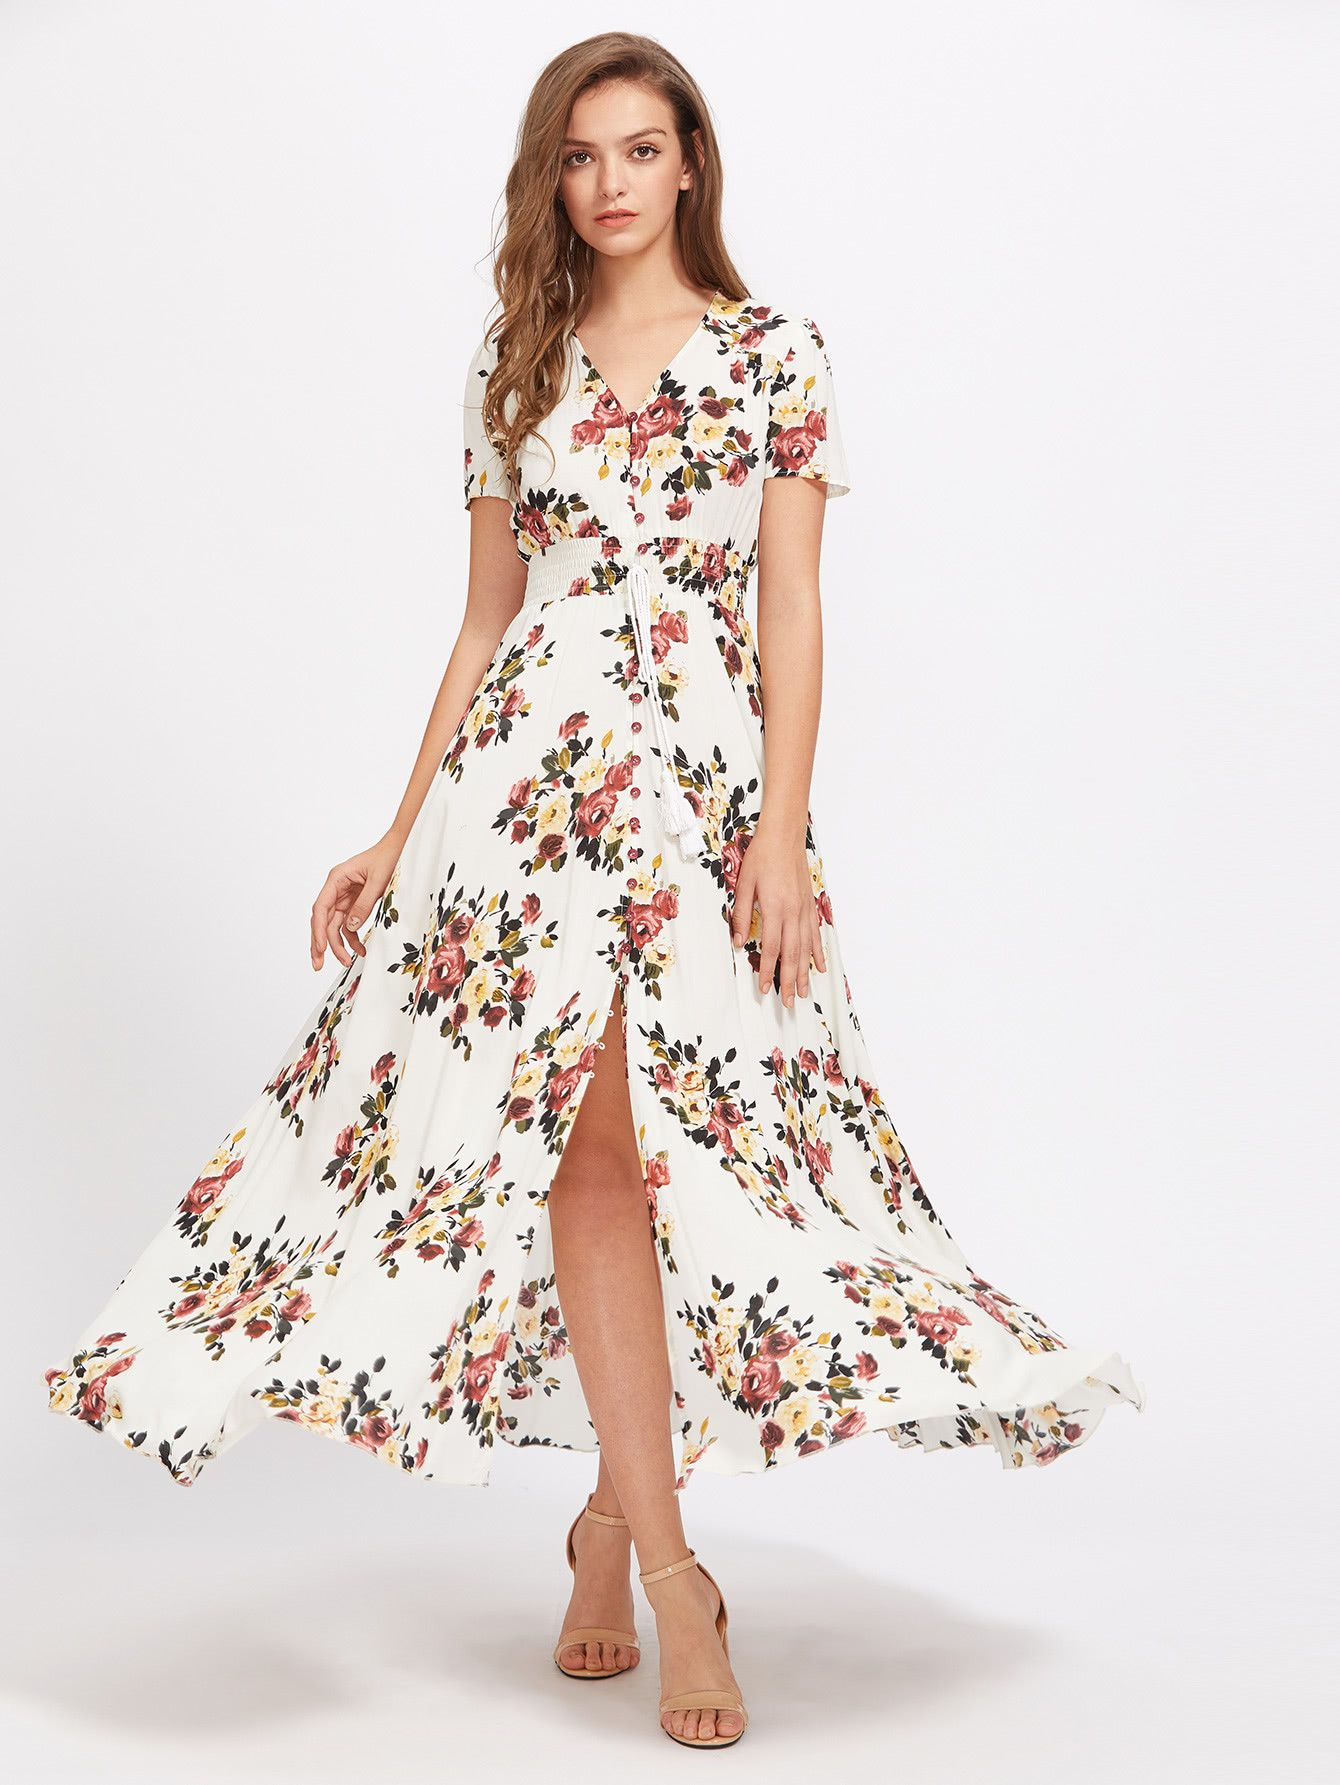 Consigue este tipo de vestido informal de SheIn ahora! Haz clic